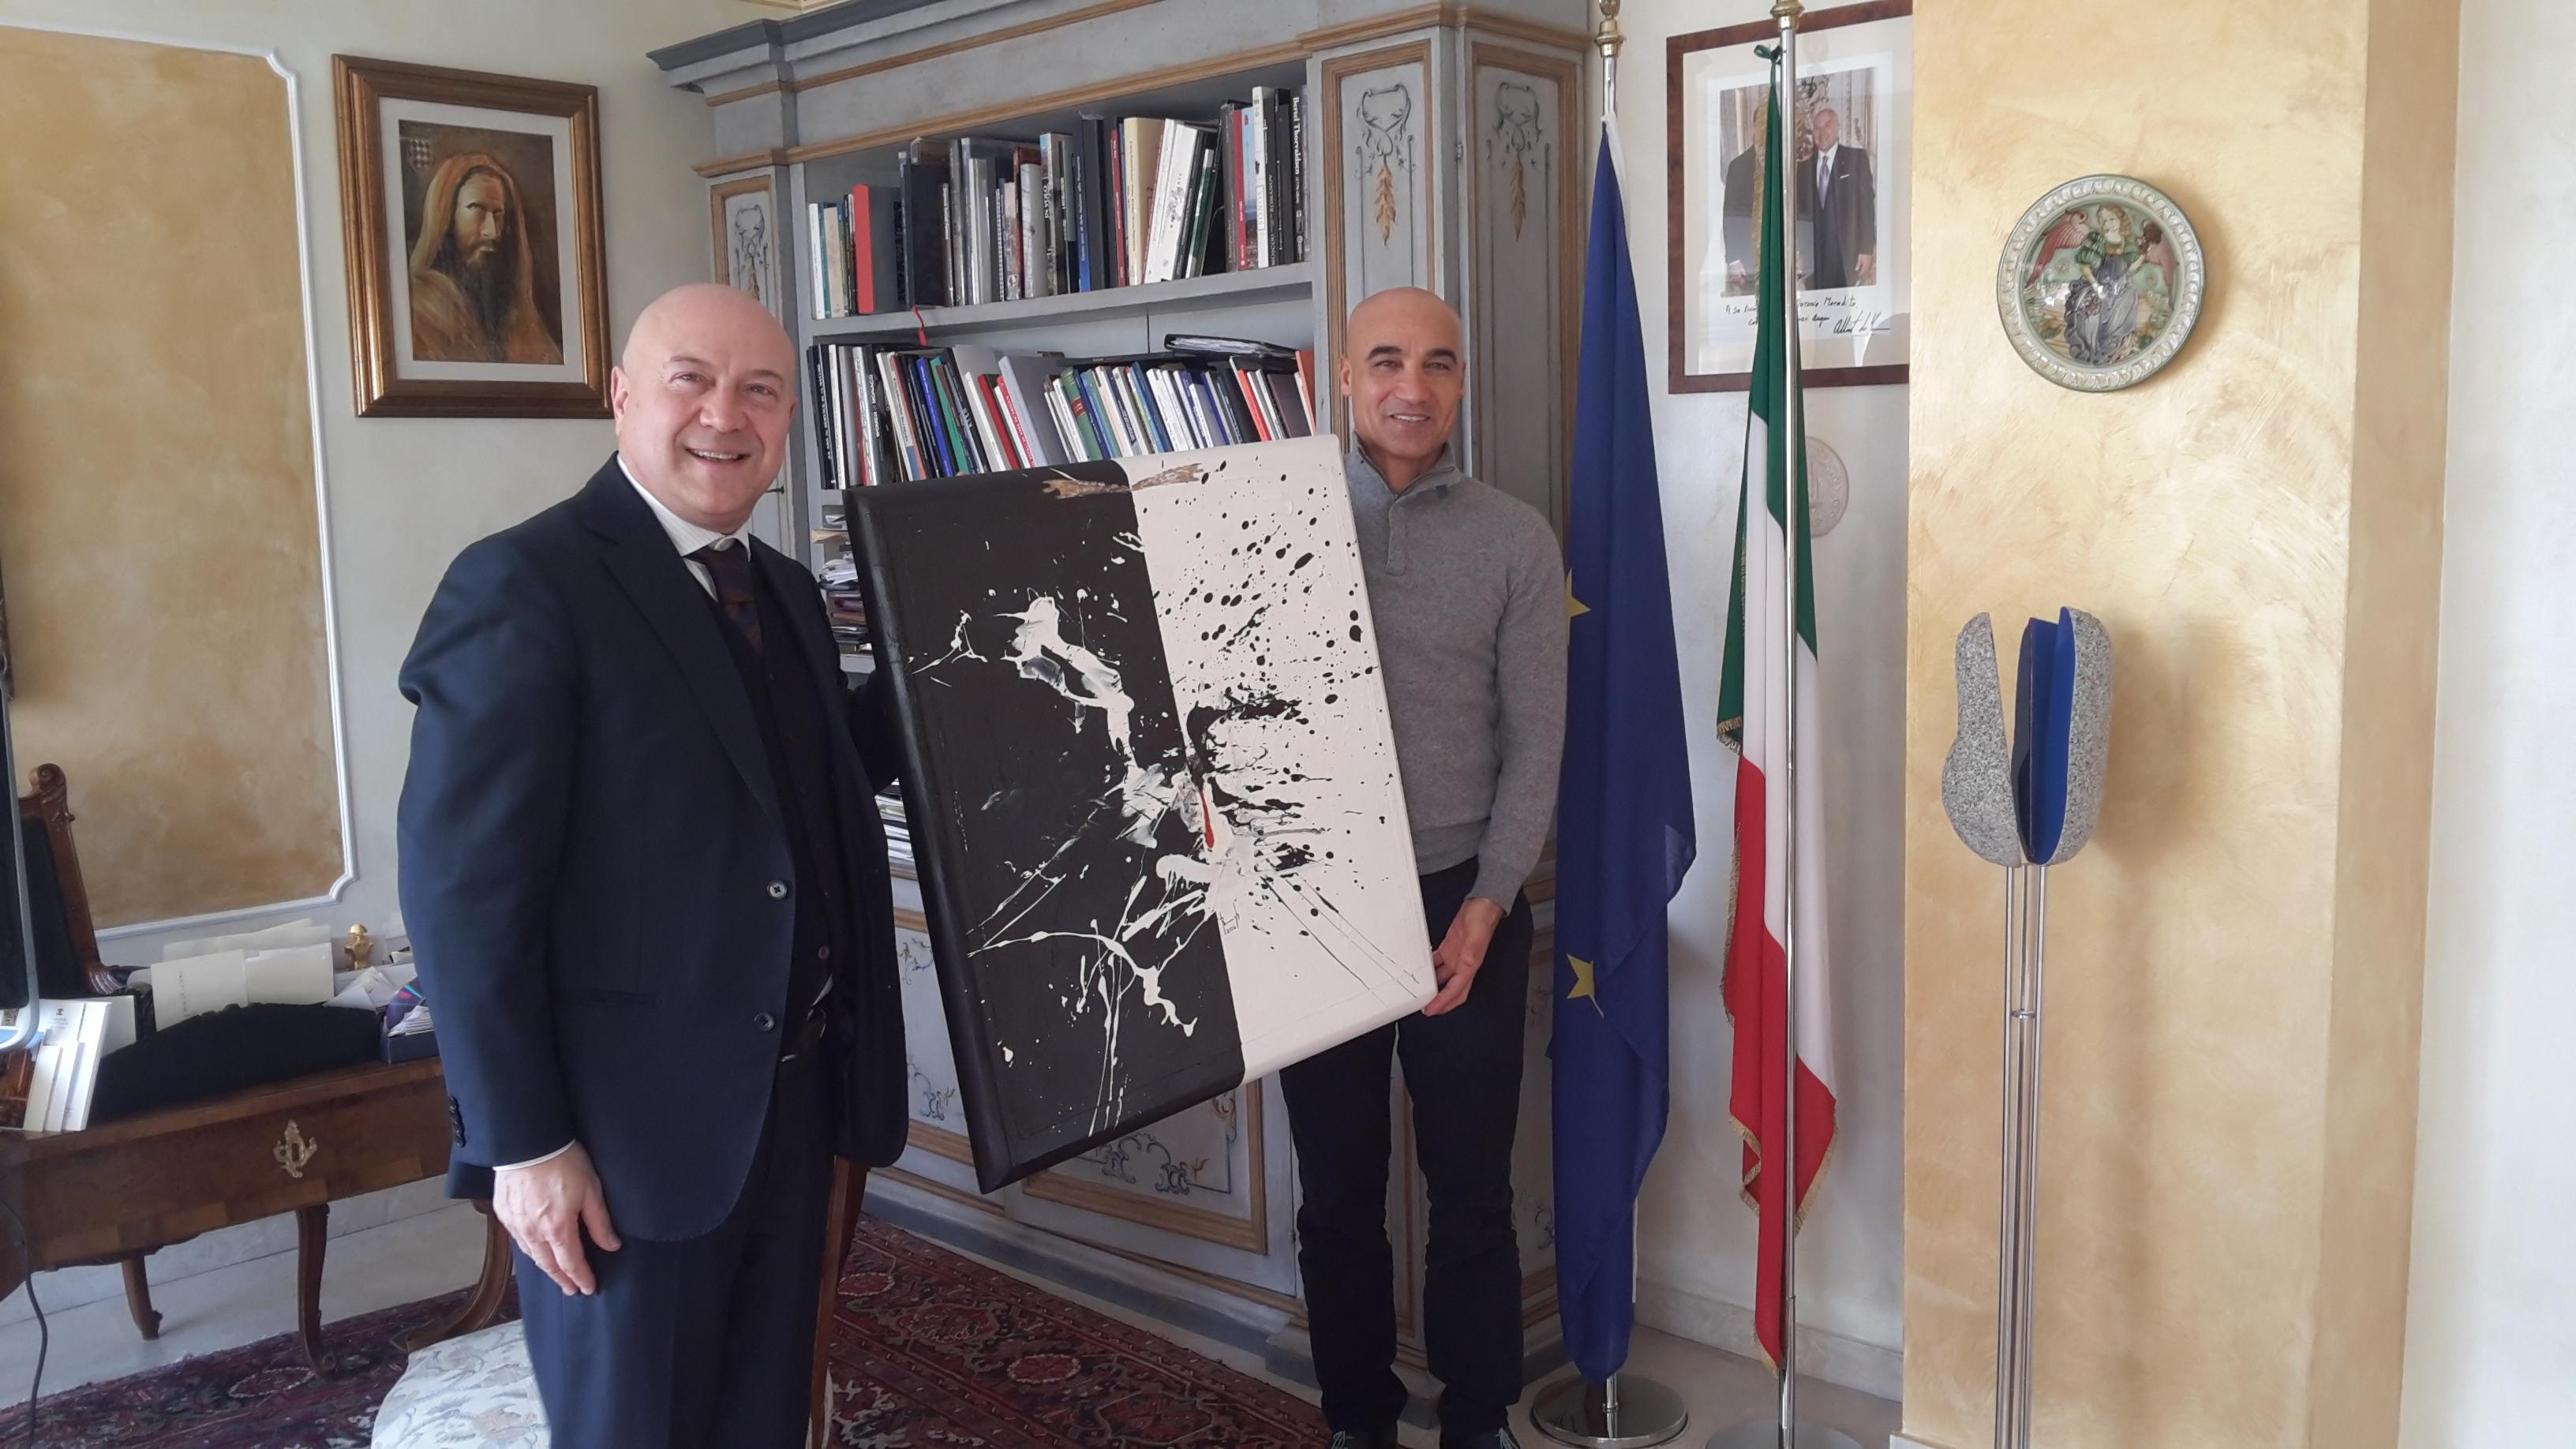 Antonio Morabito, Ambassadeur d'Italie à